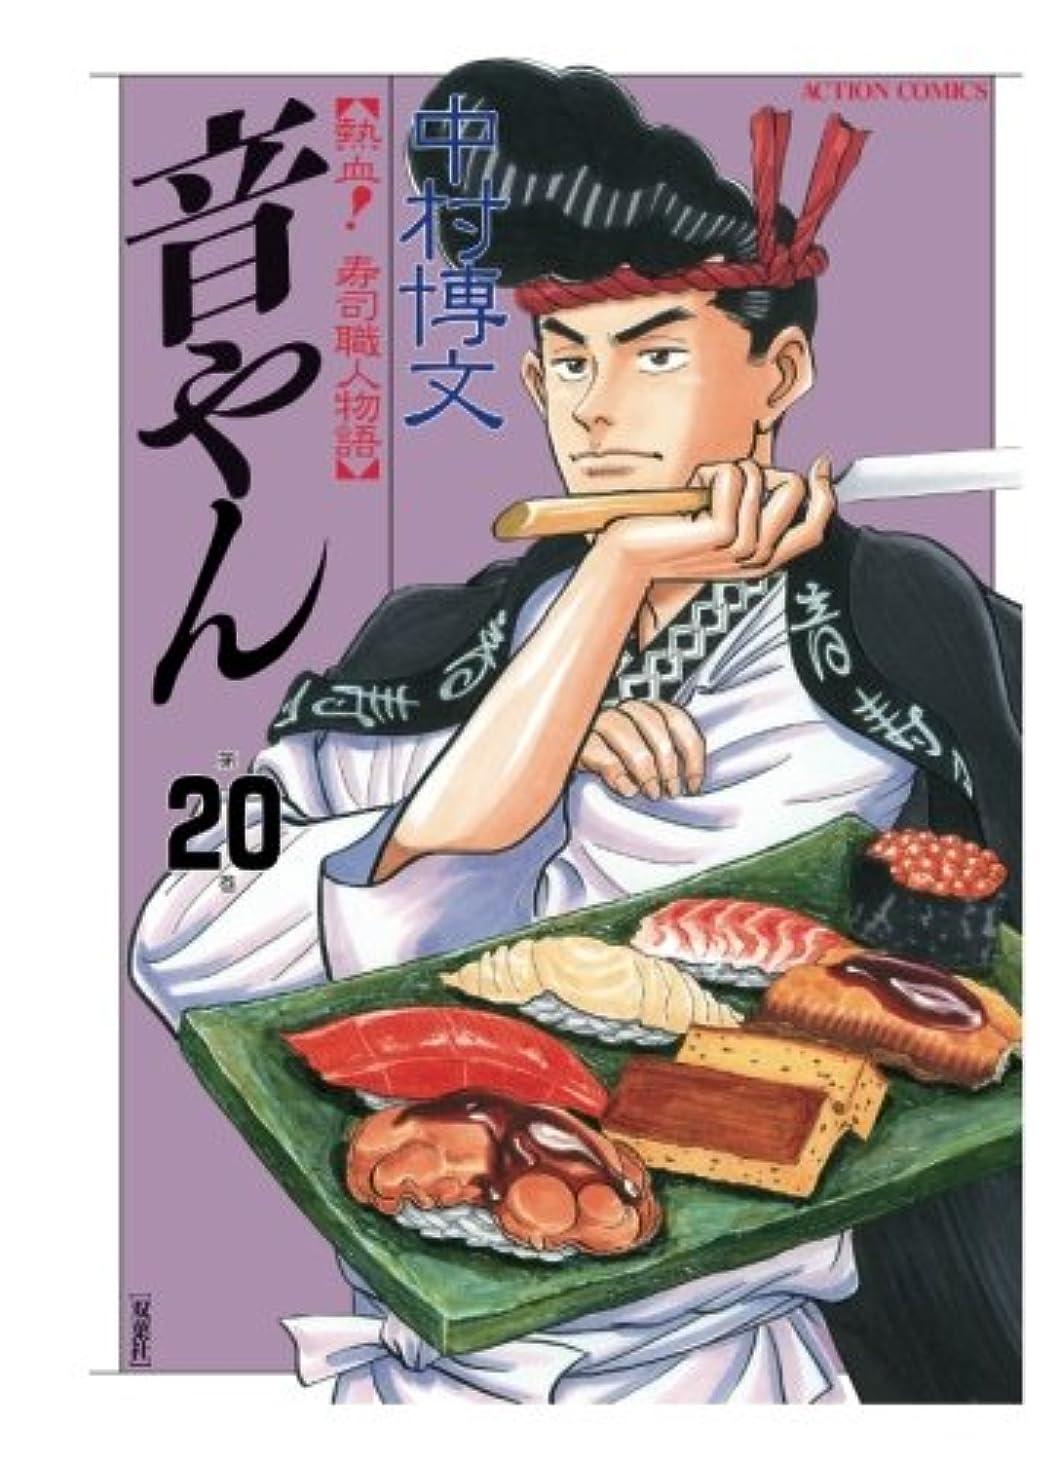 損傷本共産主義者音やん(20) (漫画アクション)